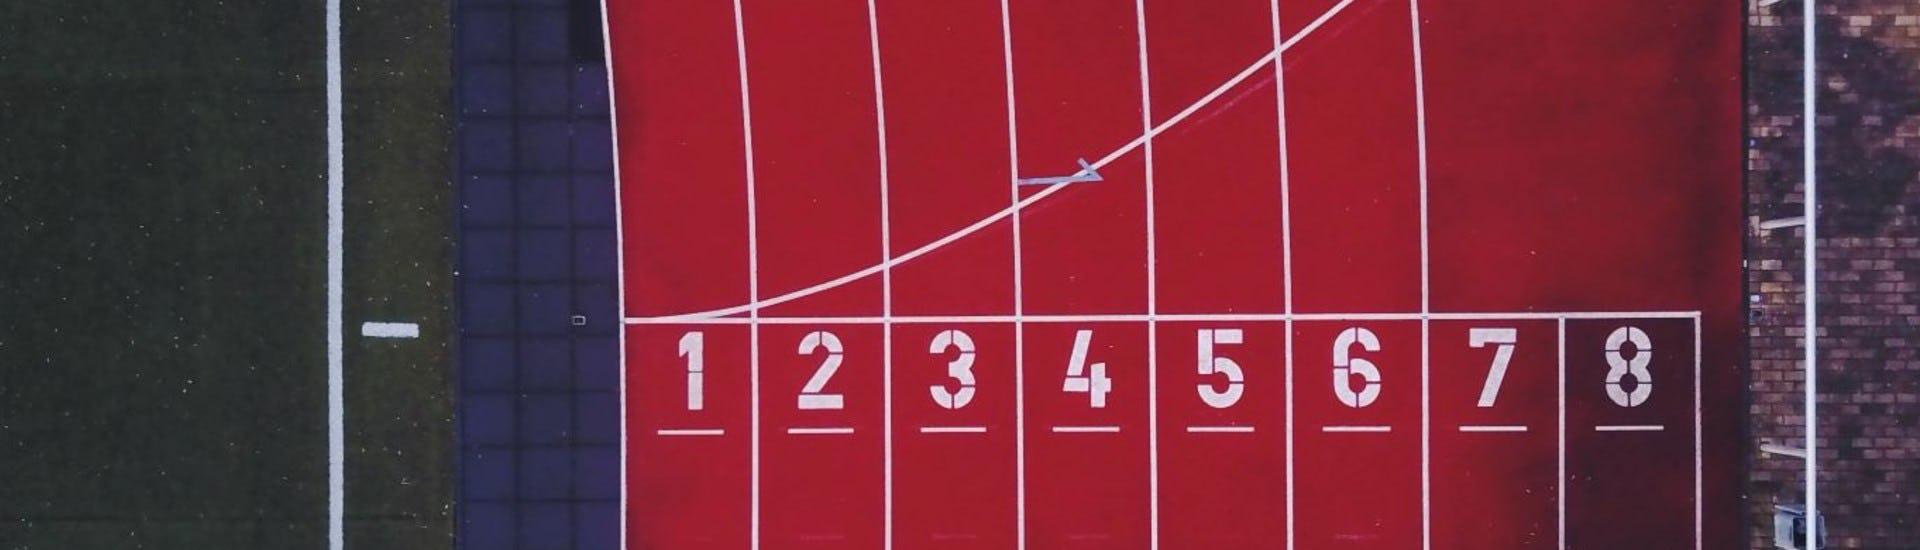 Kilpailuta nykyinen laina tai kulutusluotto